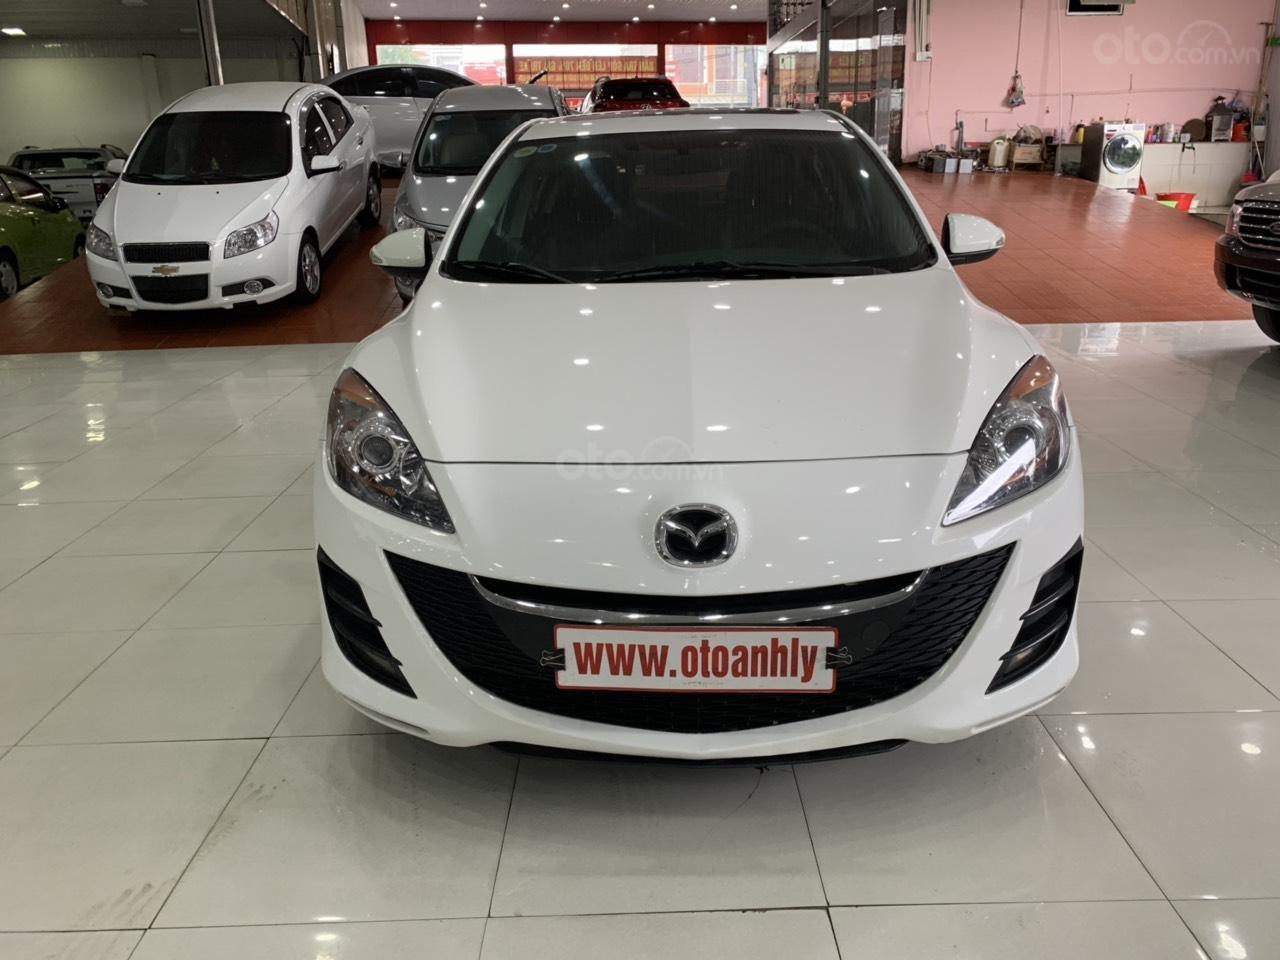 Bán xe Mazda 3 sản xuất năm 2010, màu trắng, xe nhập-0